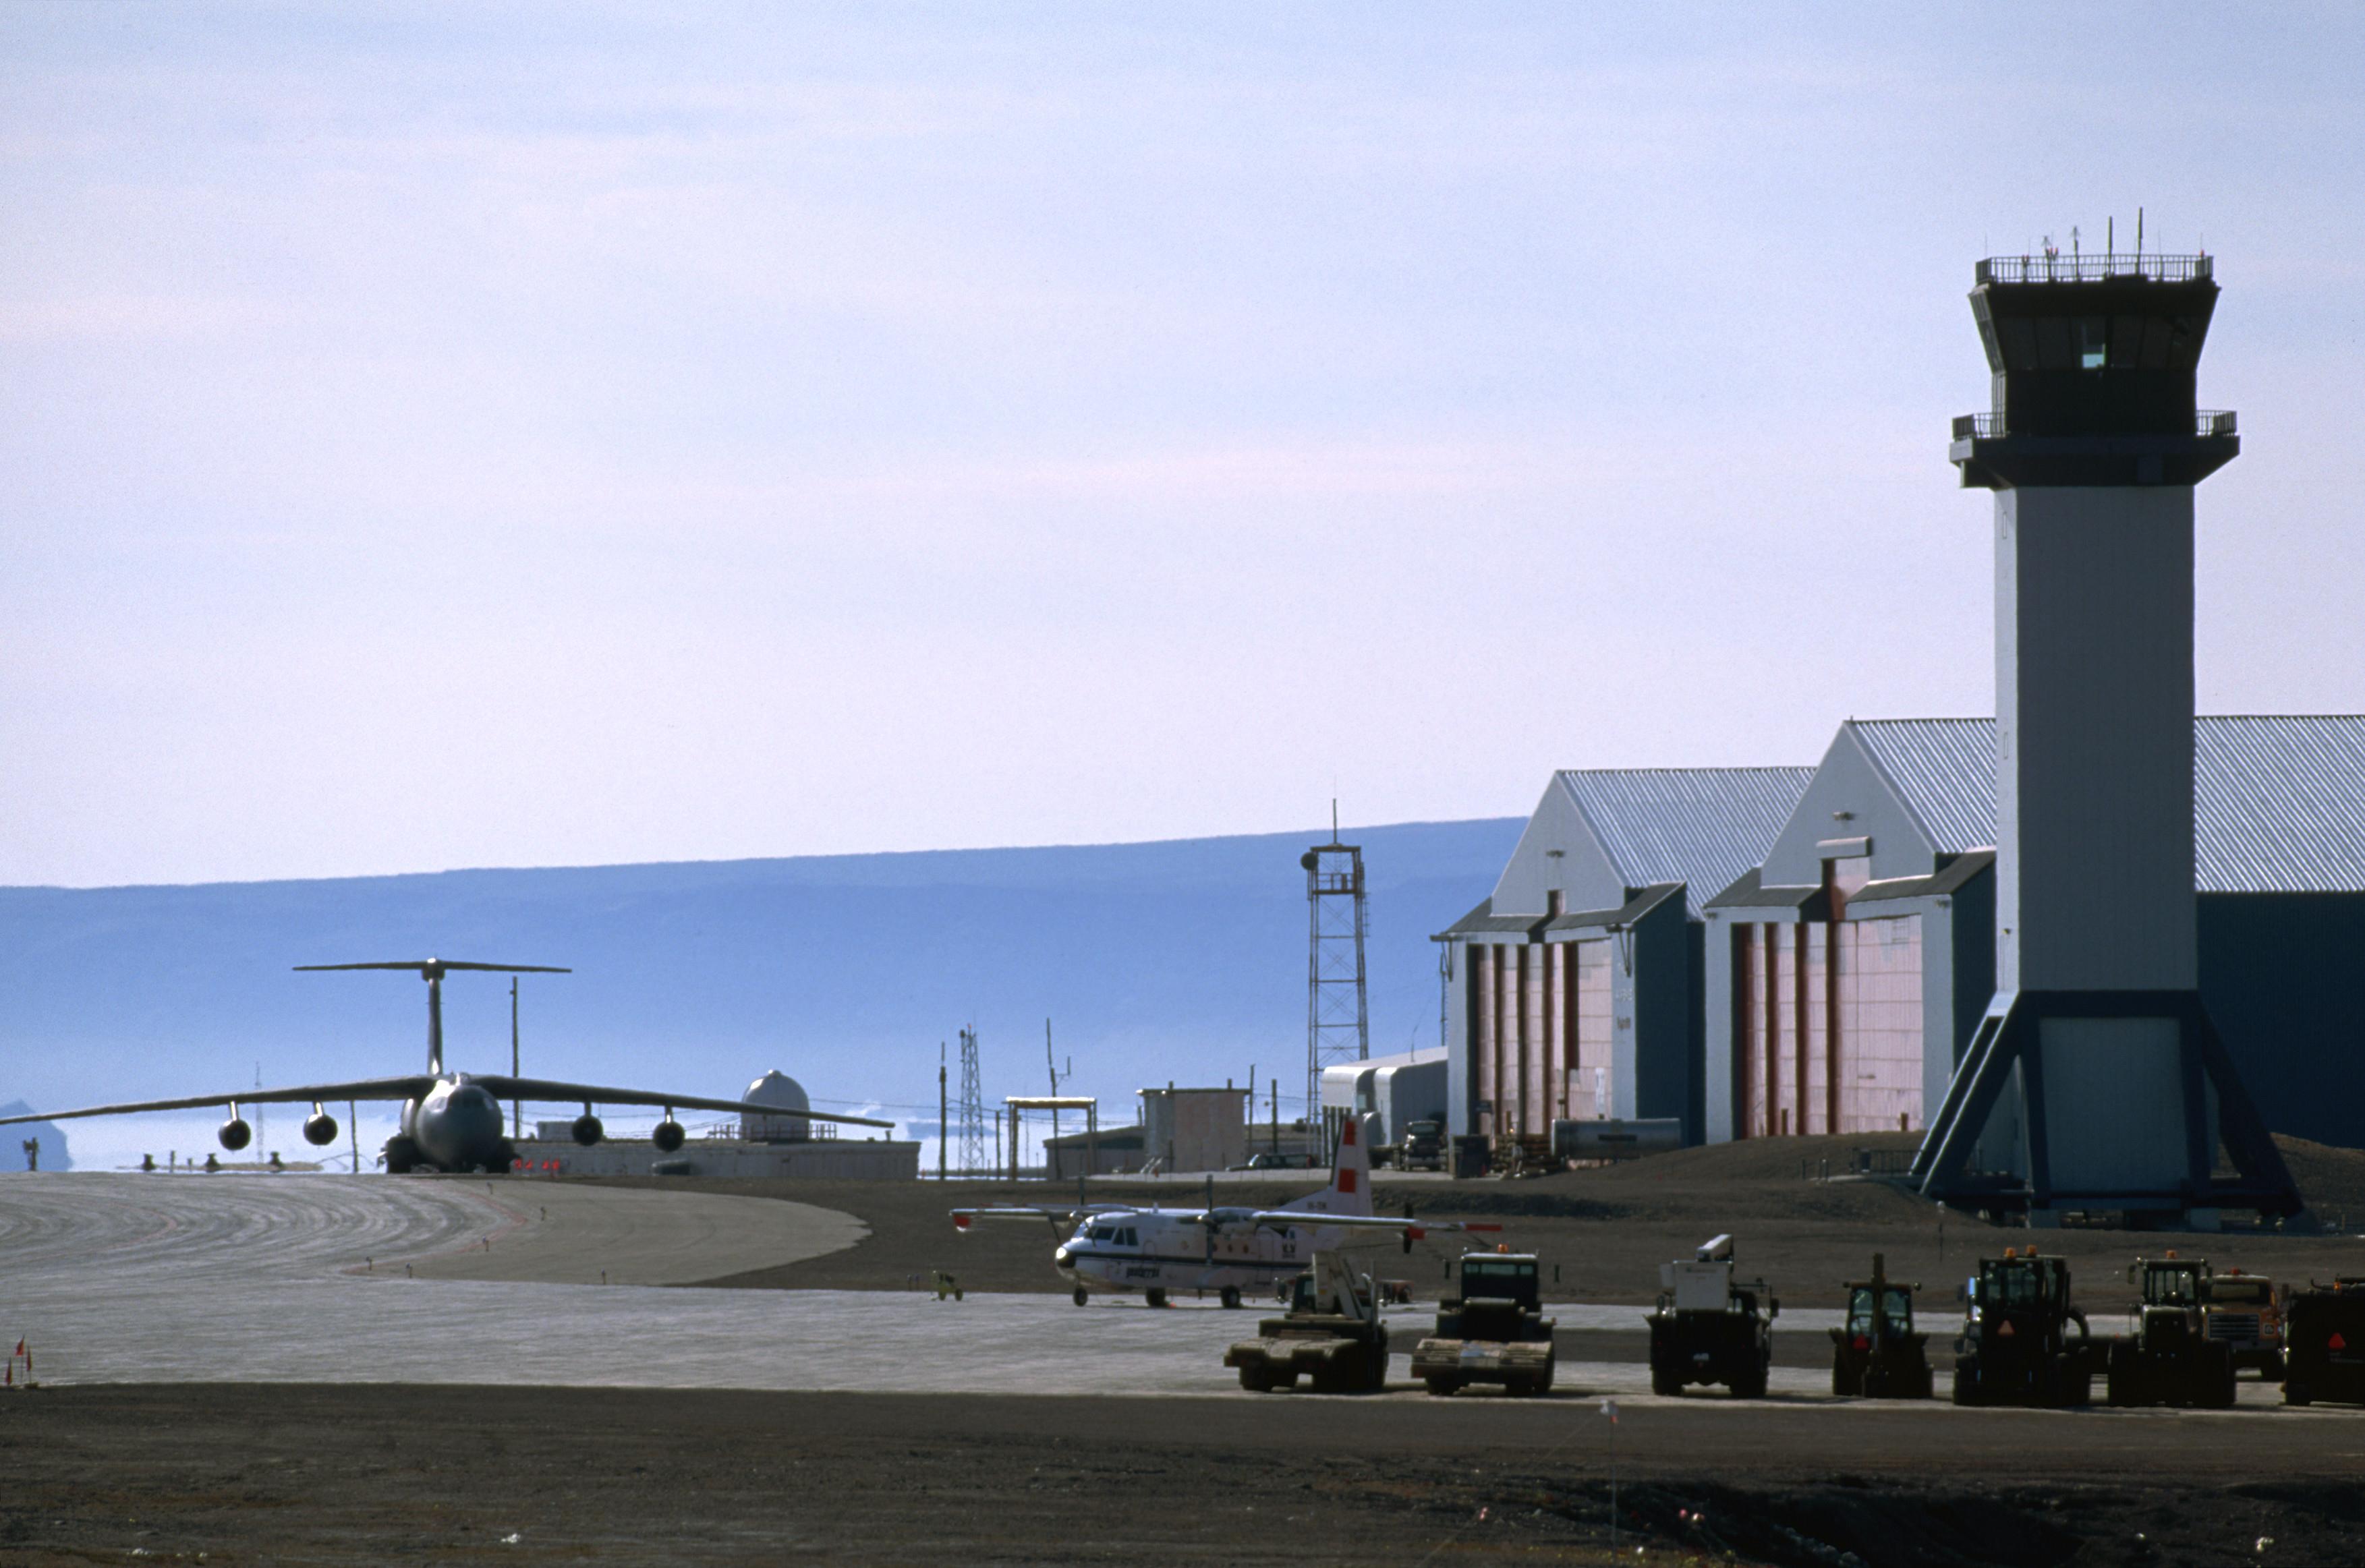 قاعدة ثول الأمريكية في جرينلاند